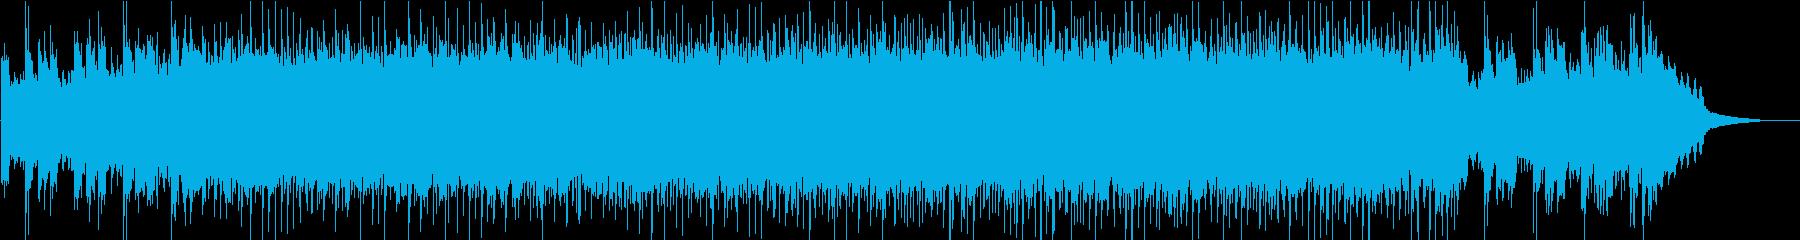 リフで始まるEL&P風なクールロックの再生済みの波形